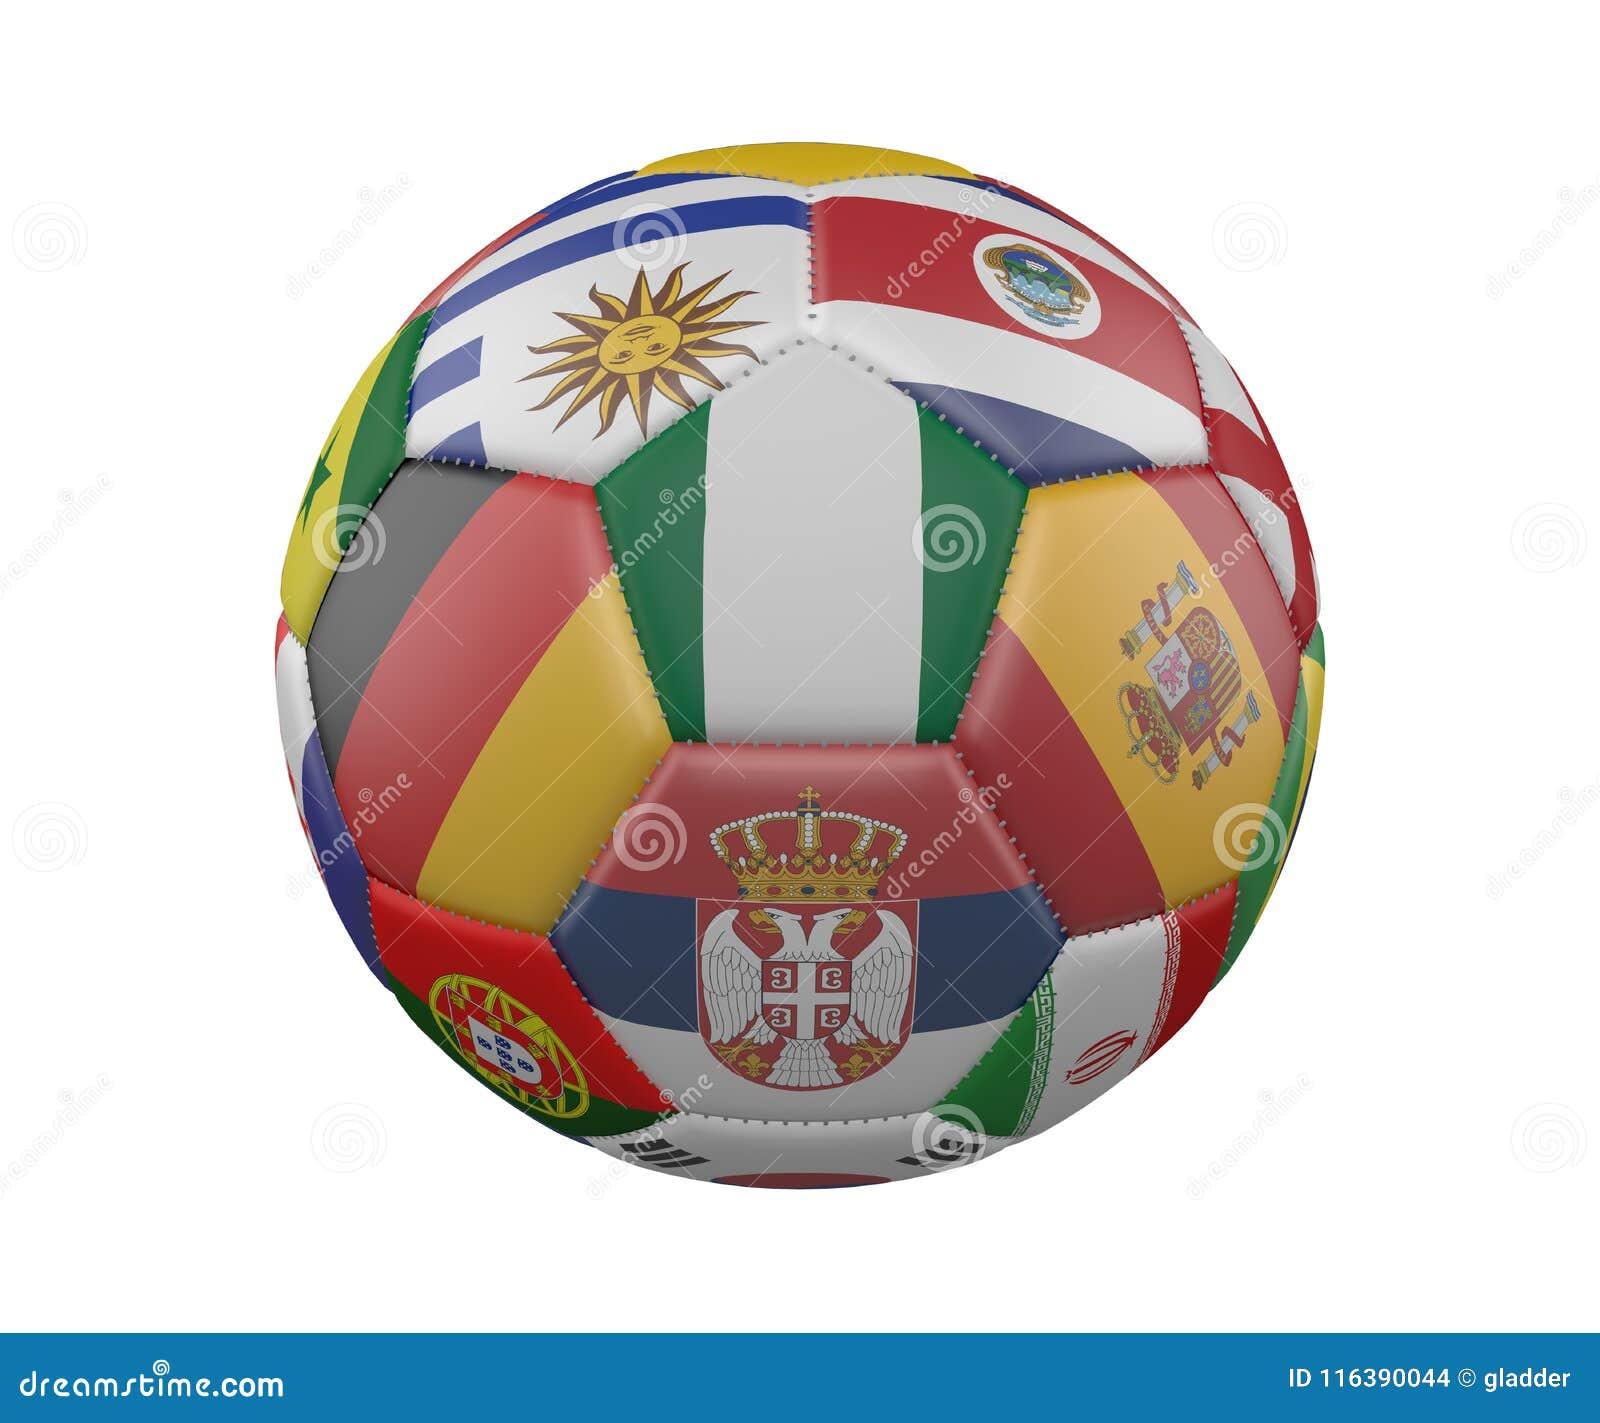 Bola de futebol com as bandeiras isoladas no fundo branco, Nigéria no centro, rendição 3d